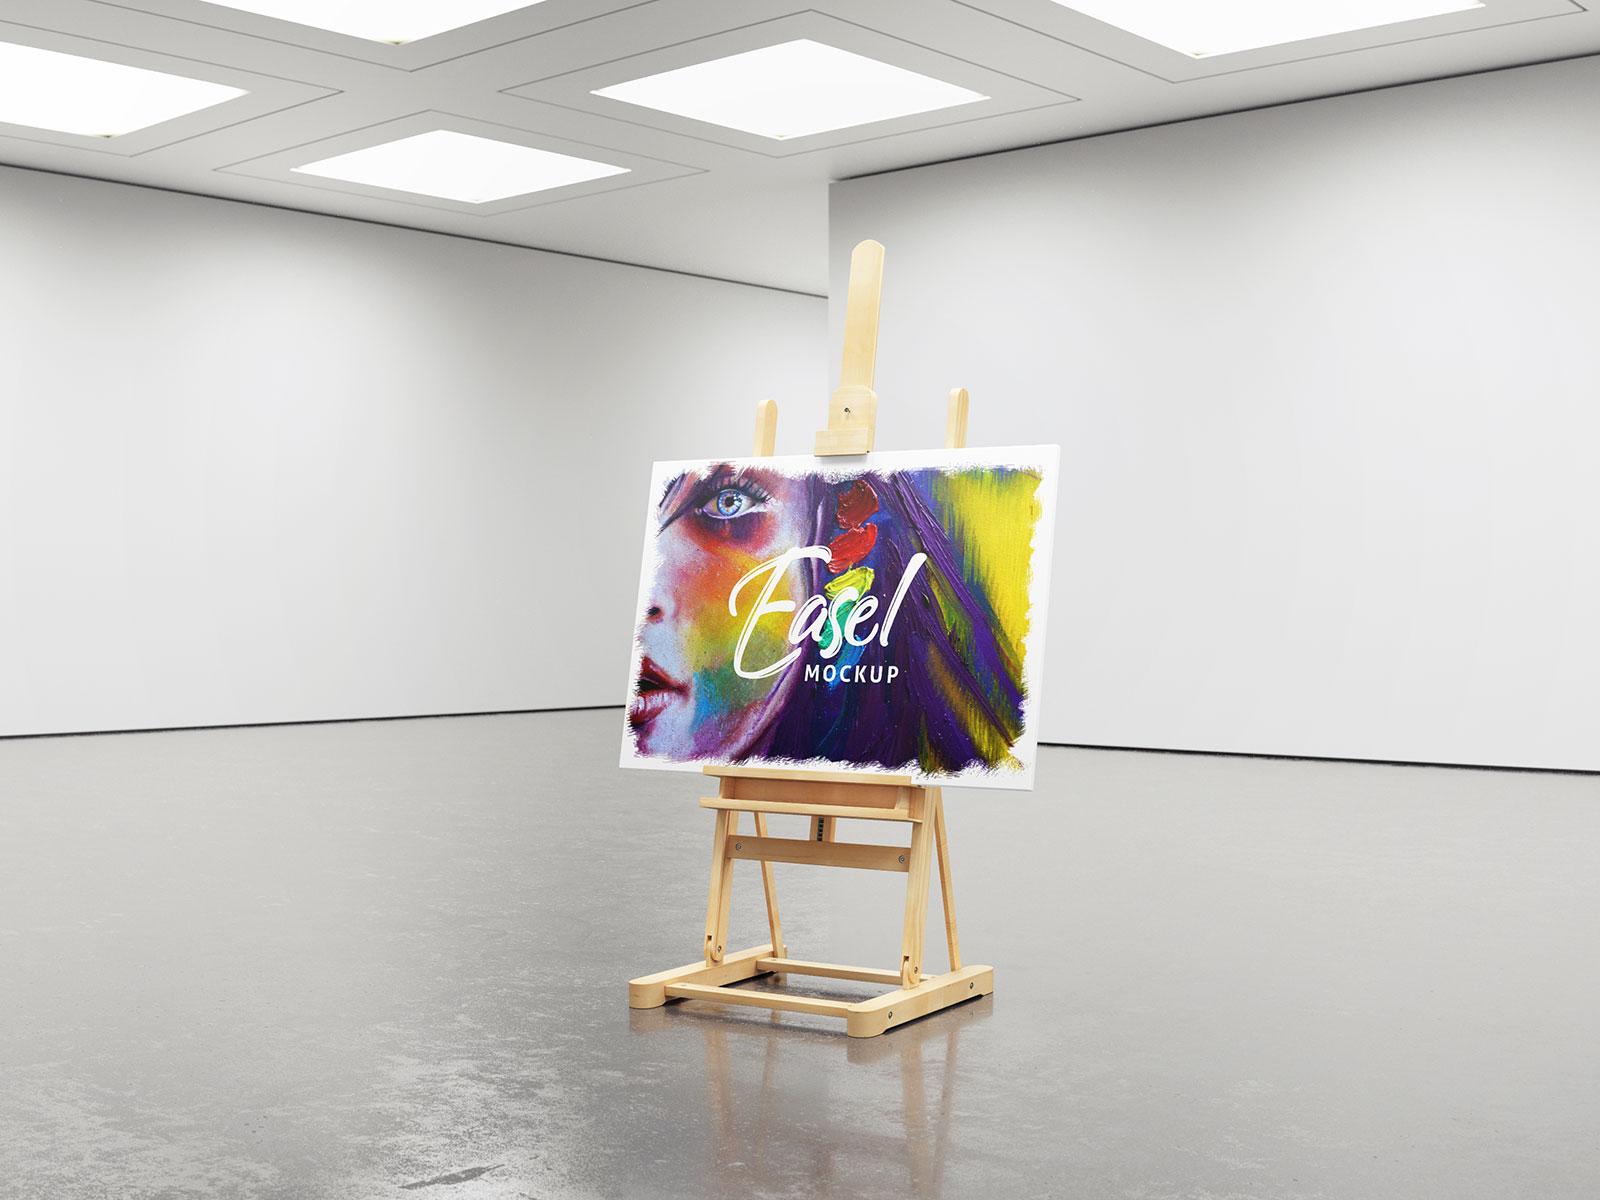 Free-Studio-Easel-Mockup-PSD-Set